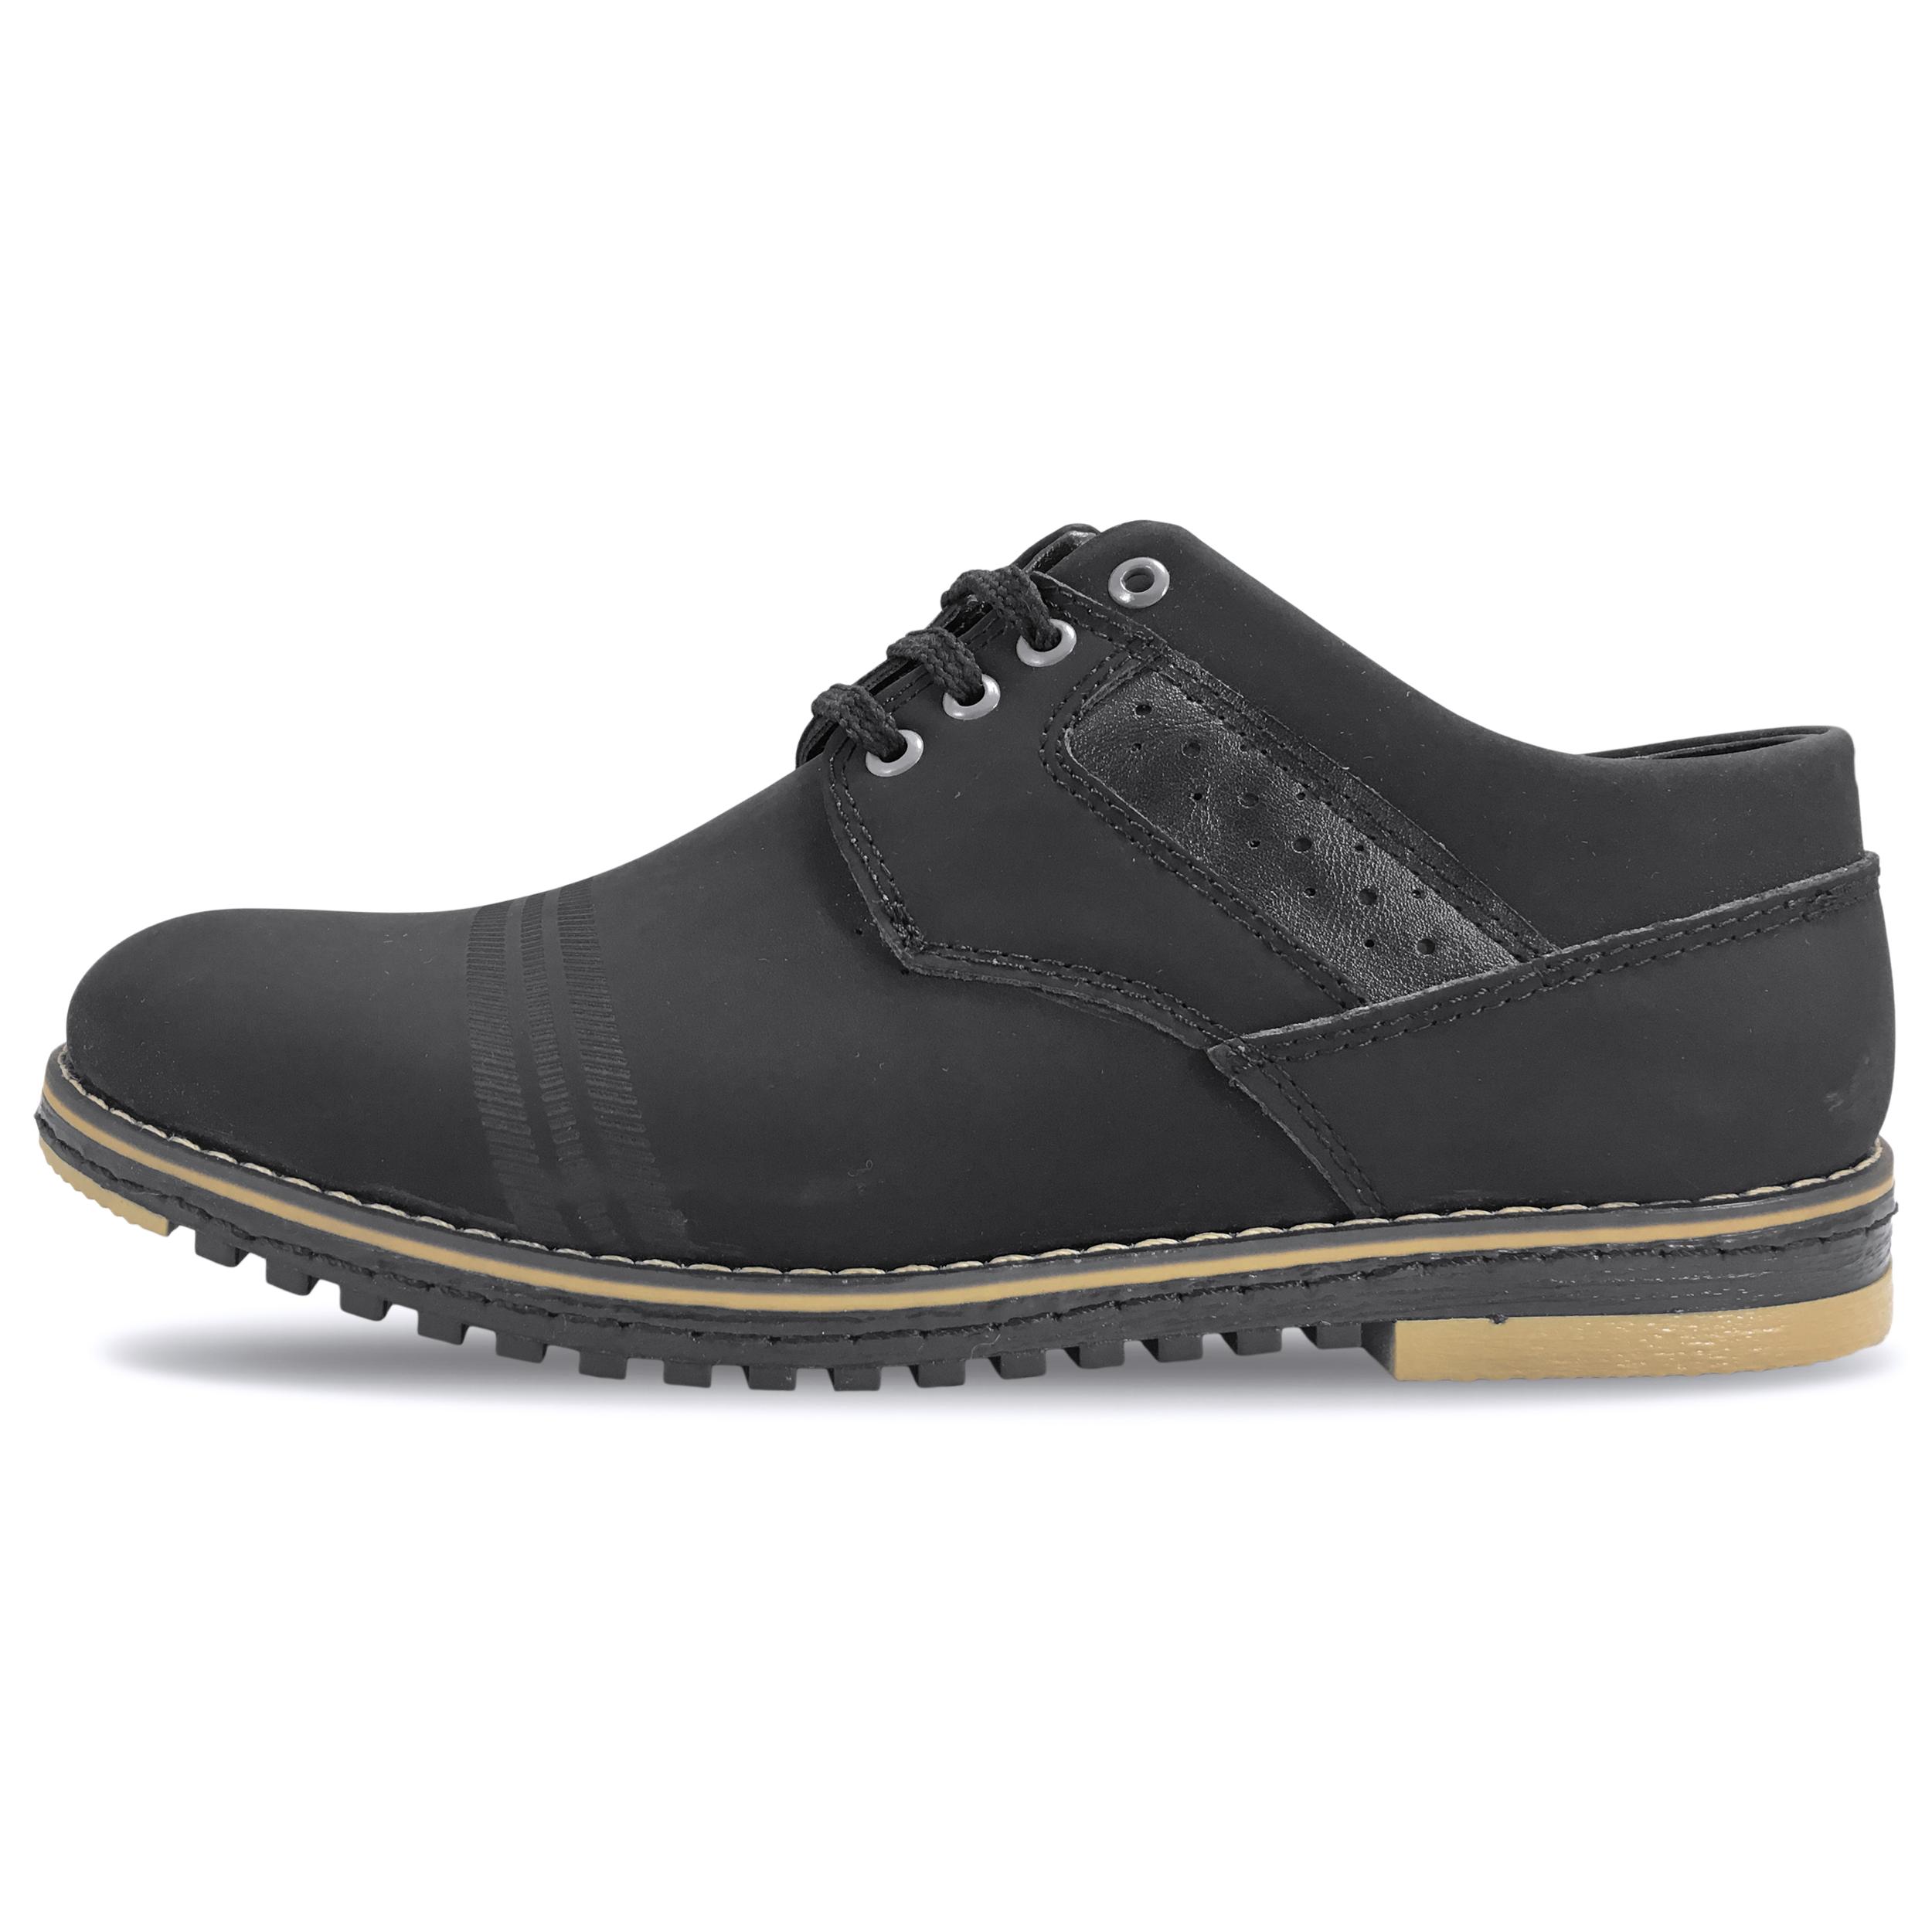 کفش مردانه مدل نقش جهان کد 3243